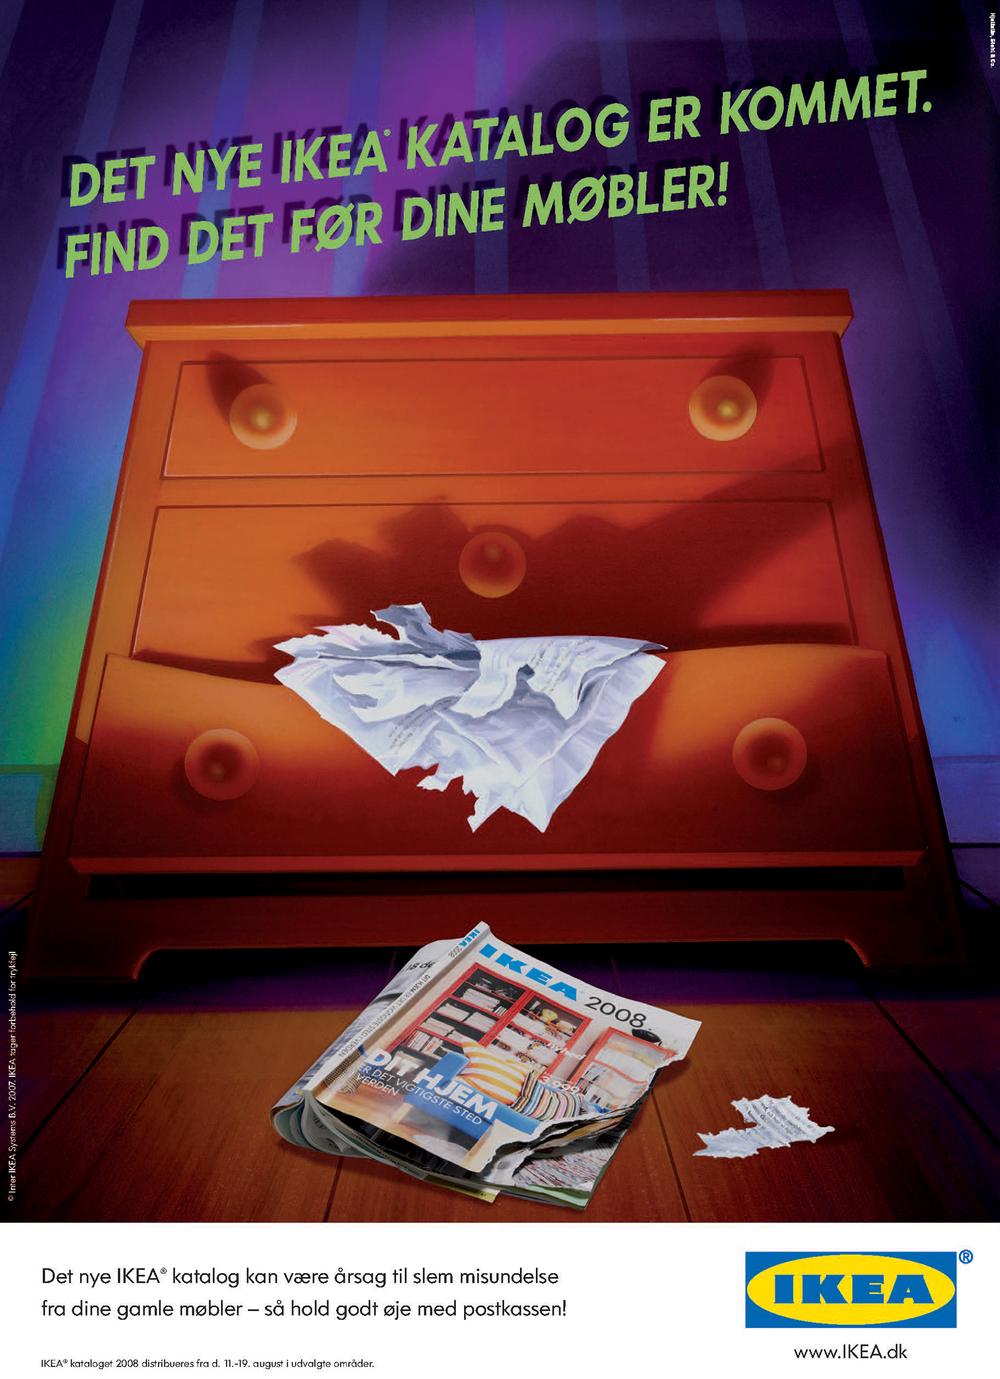 1653_katalog_annoncer_tabloid_kommode_T.jpg